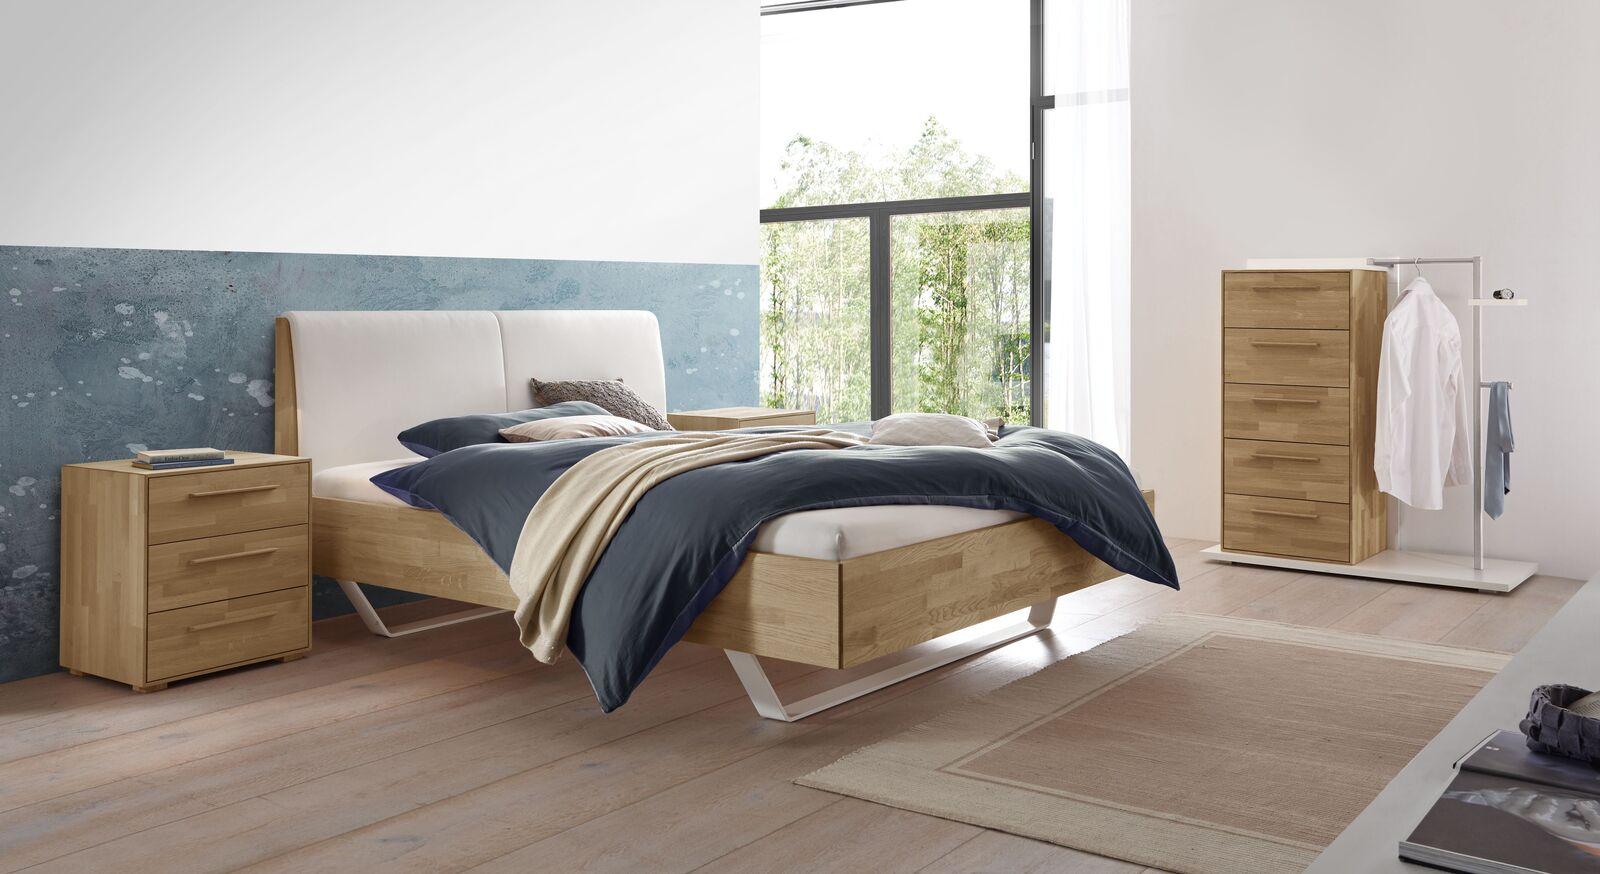 Bett Weronco mit passenden Beimöbeln